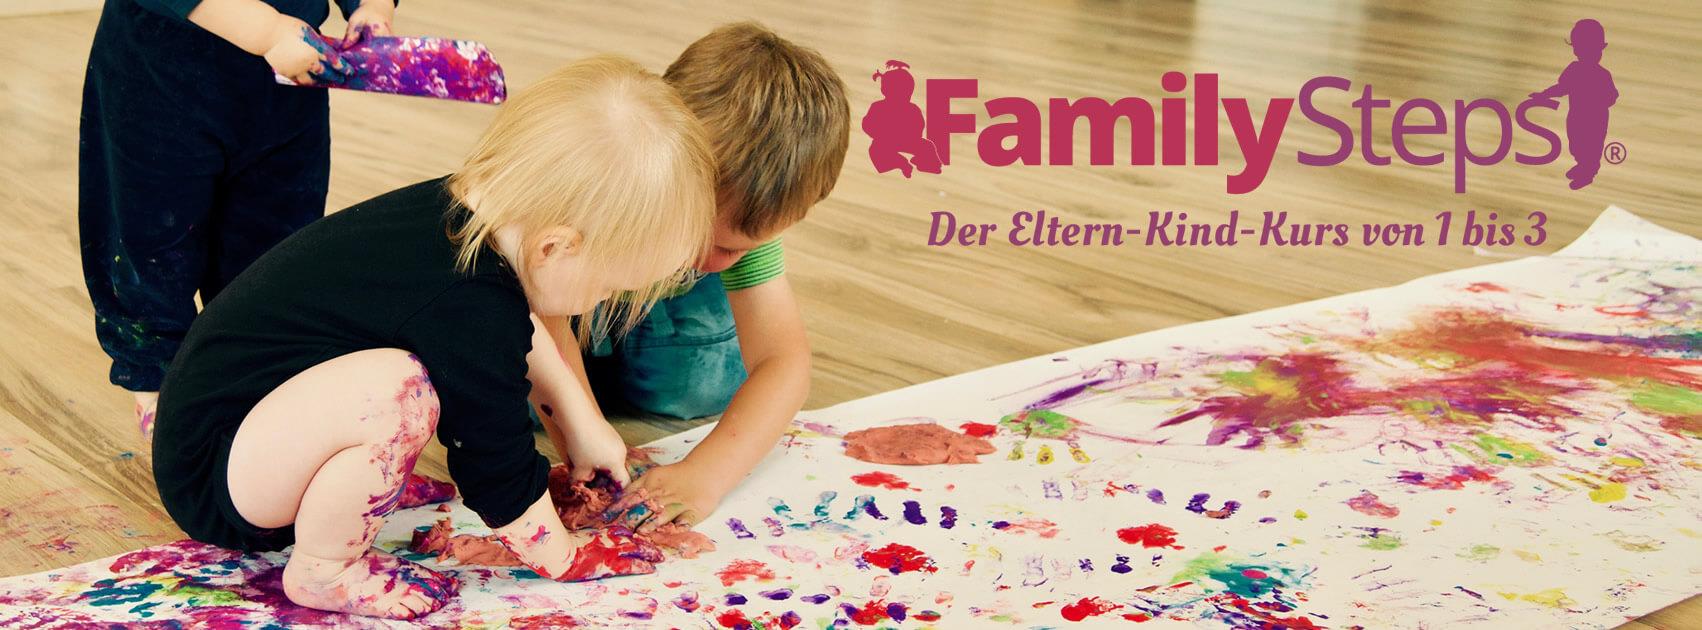 family-steps-logo